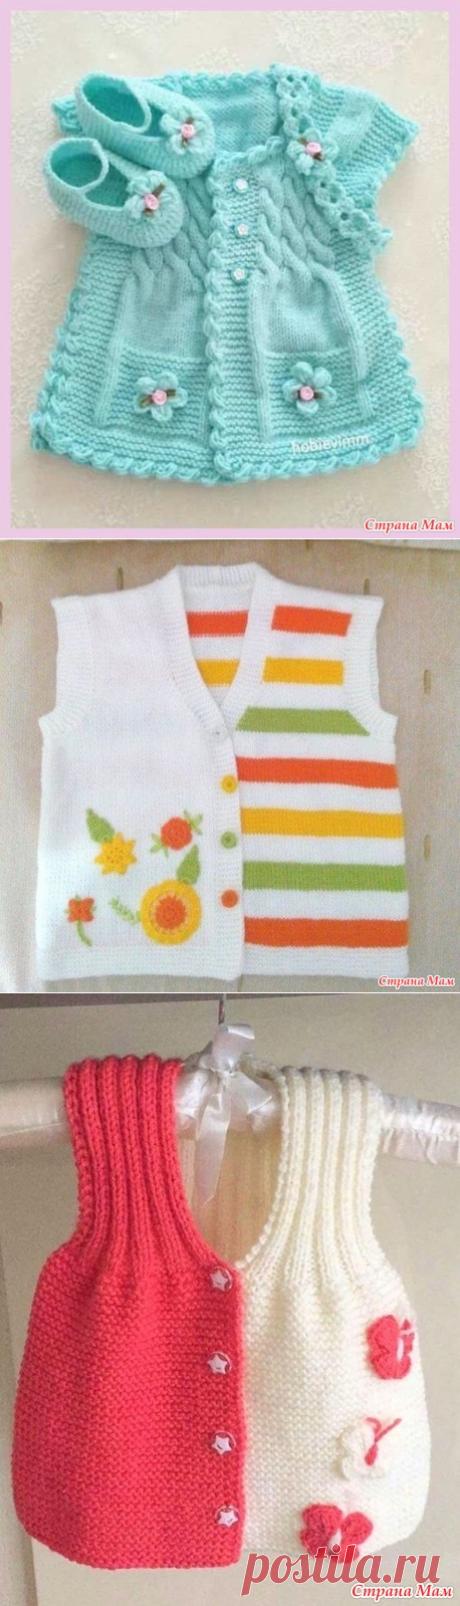 детские жилеты для вдохновения - Вязание - Страна Мам